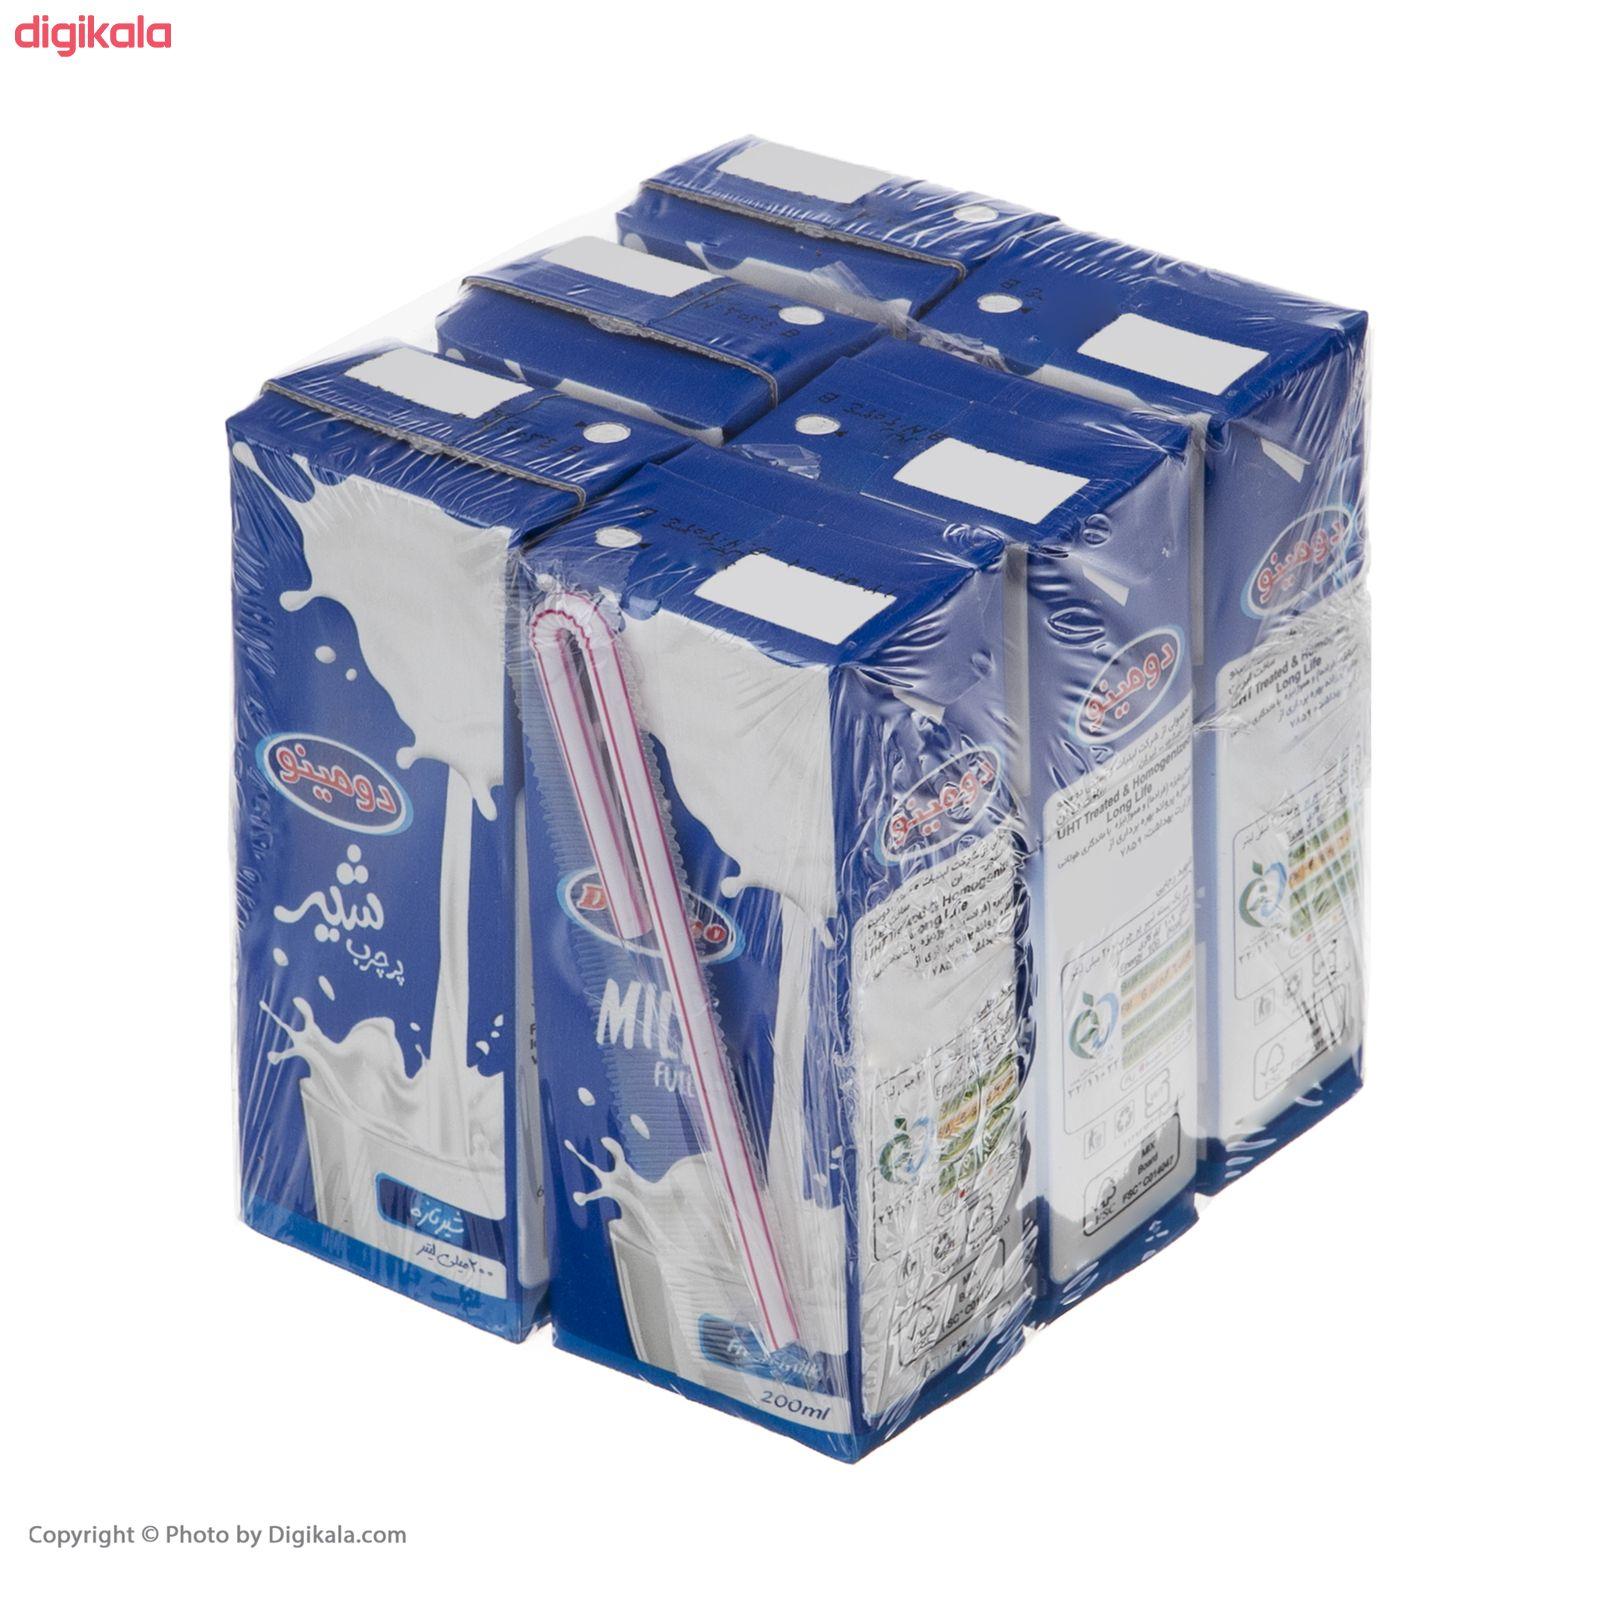 شیر پر چرب دومینو - 0.2 لیتر  بسته 6 عددی main 1 4